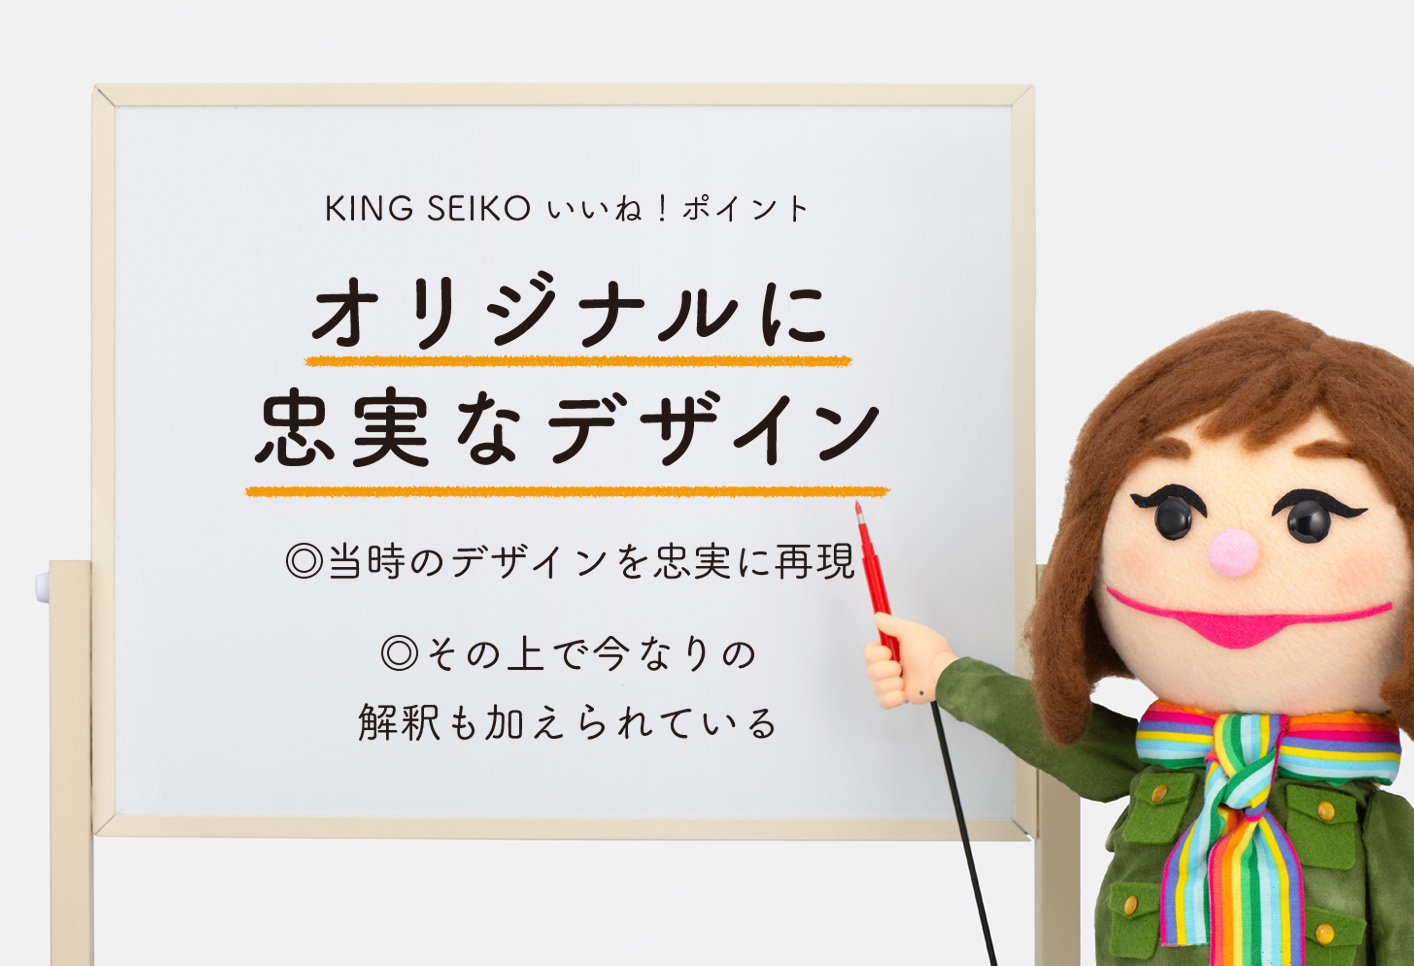 KING SEIKO いいね!ポイント オリジナルに忠実なデザイン ◎当時のデザインを忠実に再現 ◎その上で今なりの解釈も加えられている